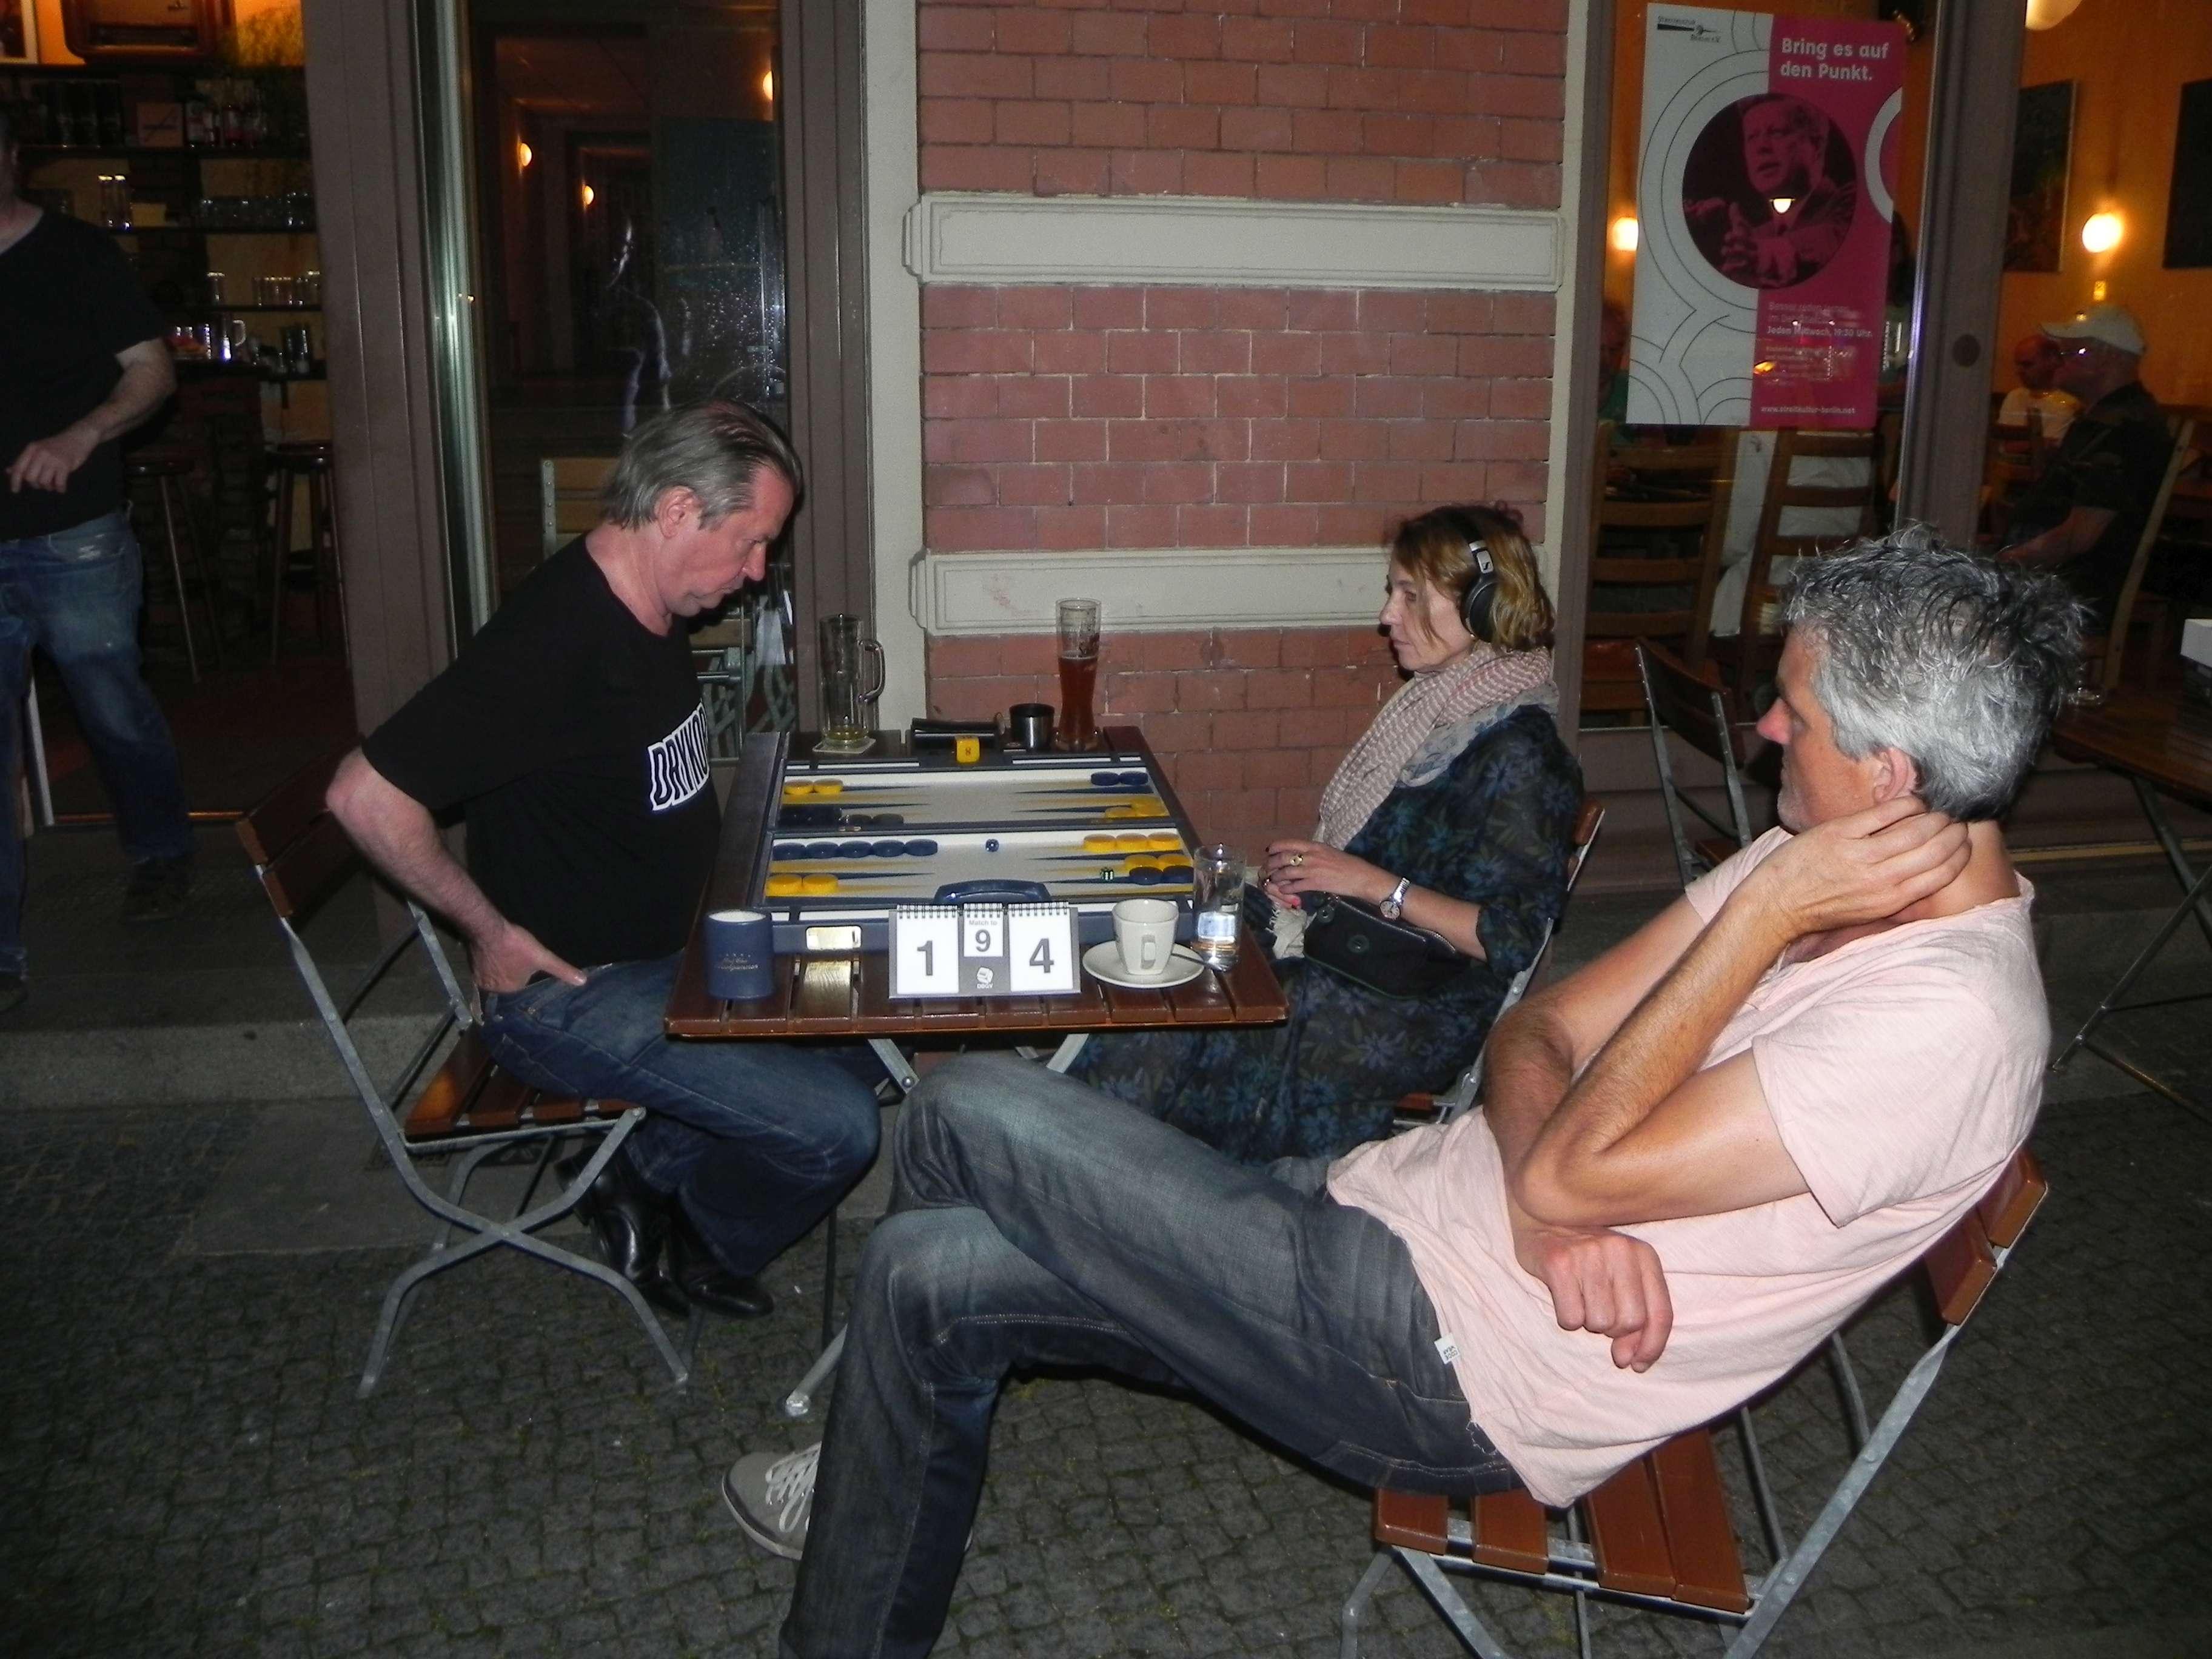 Viertelfinale: Stephan Hartmann und Sabine Brinkmann. Stephan Blancke kiebitzt